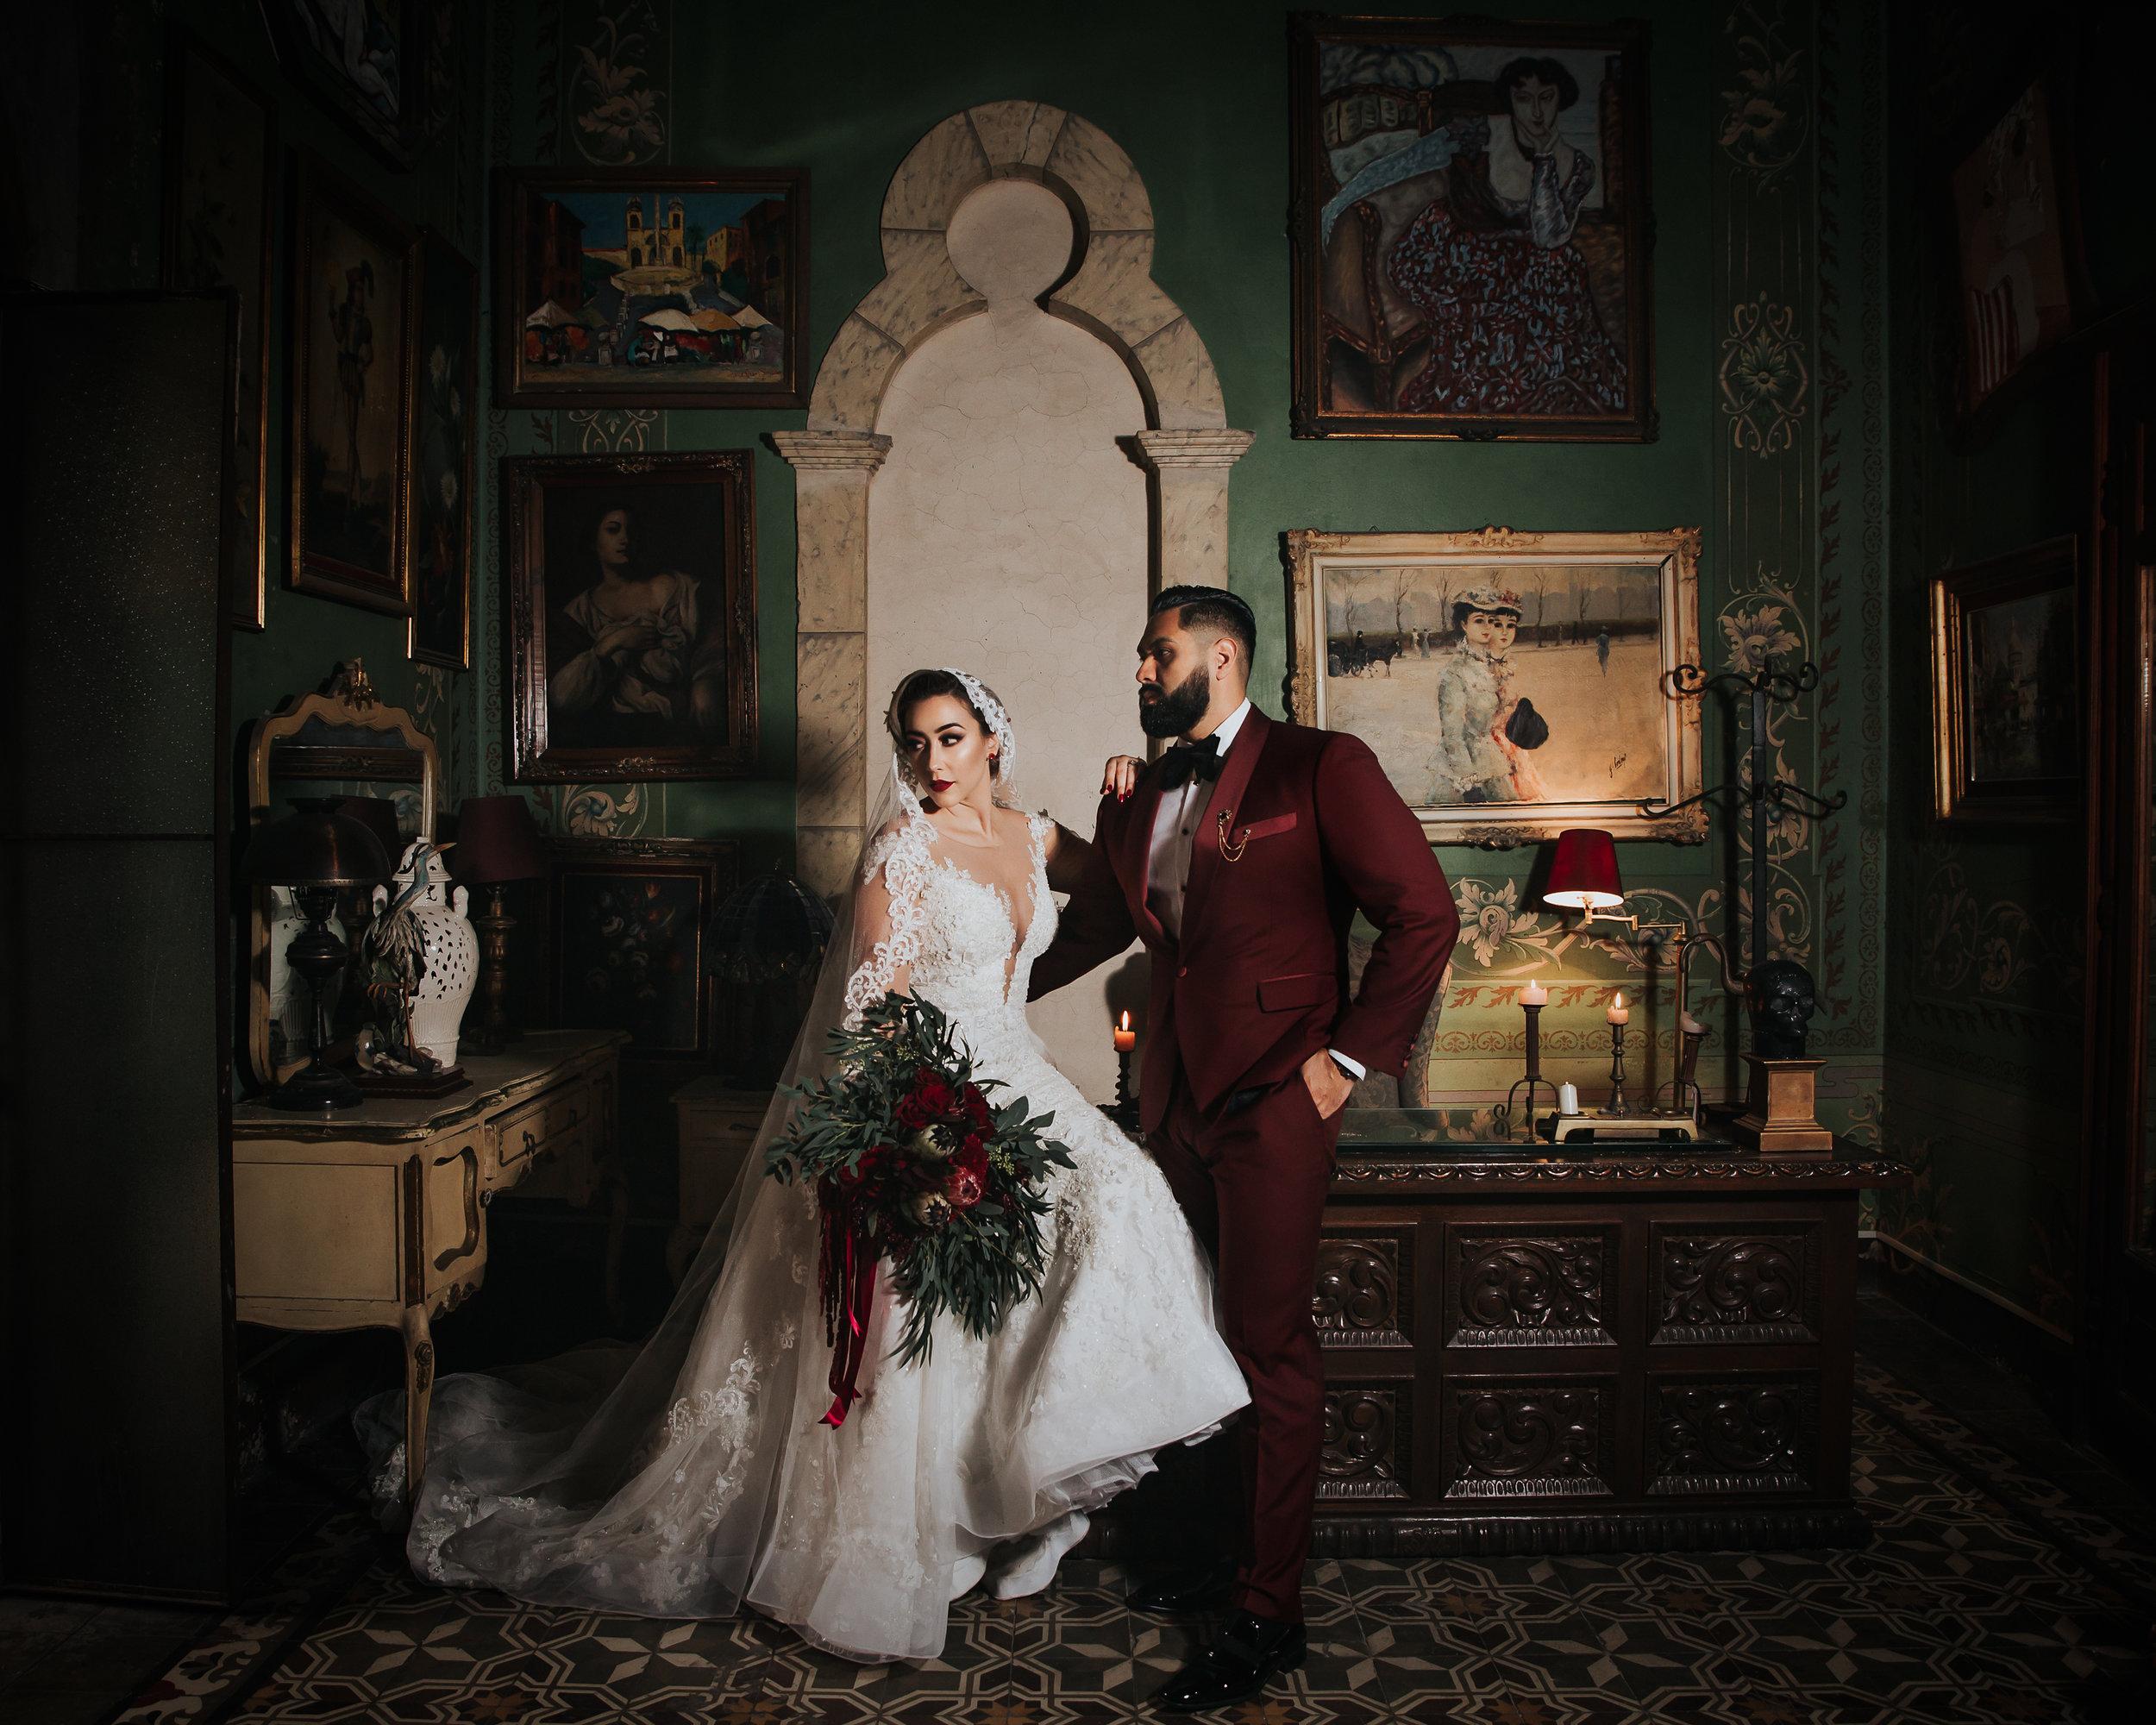 Fotografo-de-bodas-destino-Mexico-wedding-destination-photographer-san-miguel-de-allende-gto-guanajuato-queretaro-boho-bohemian-bohemio-chic-editorial-carotida-photographer-italian-gothic